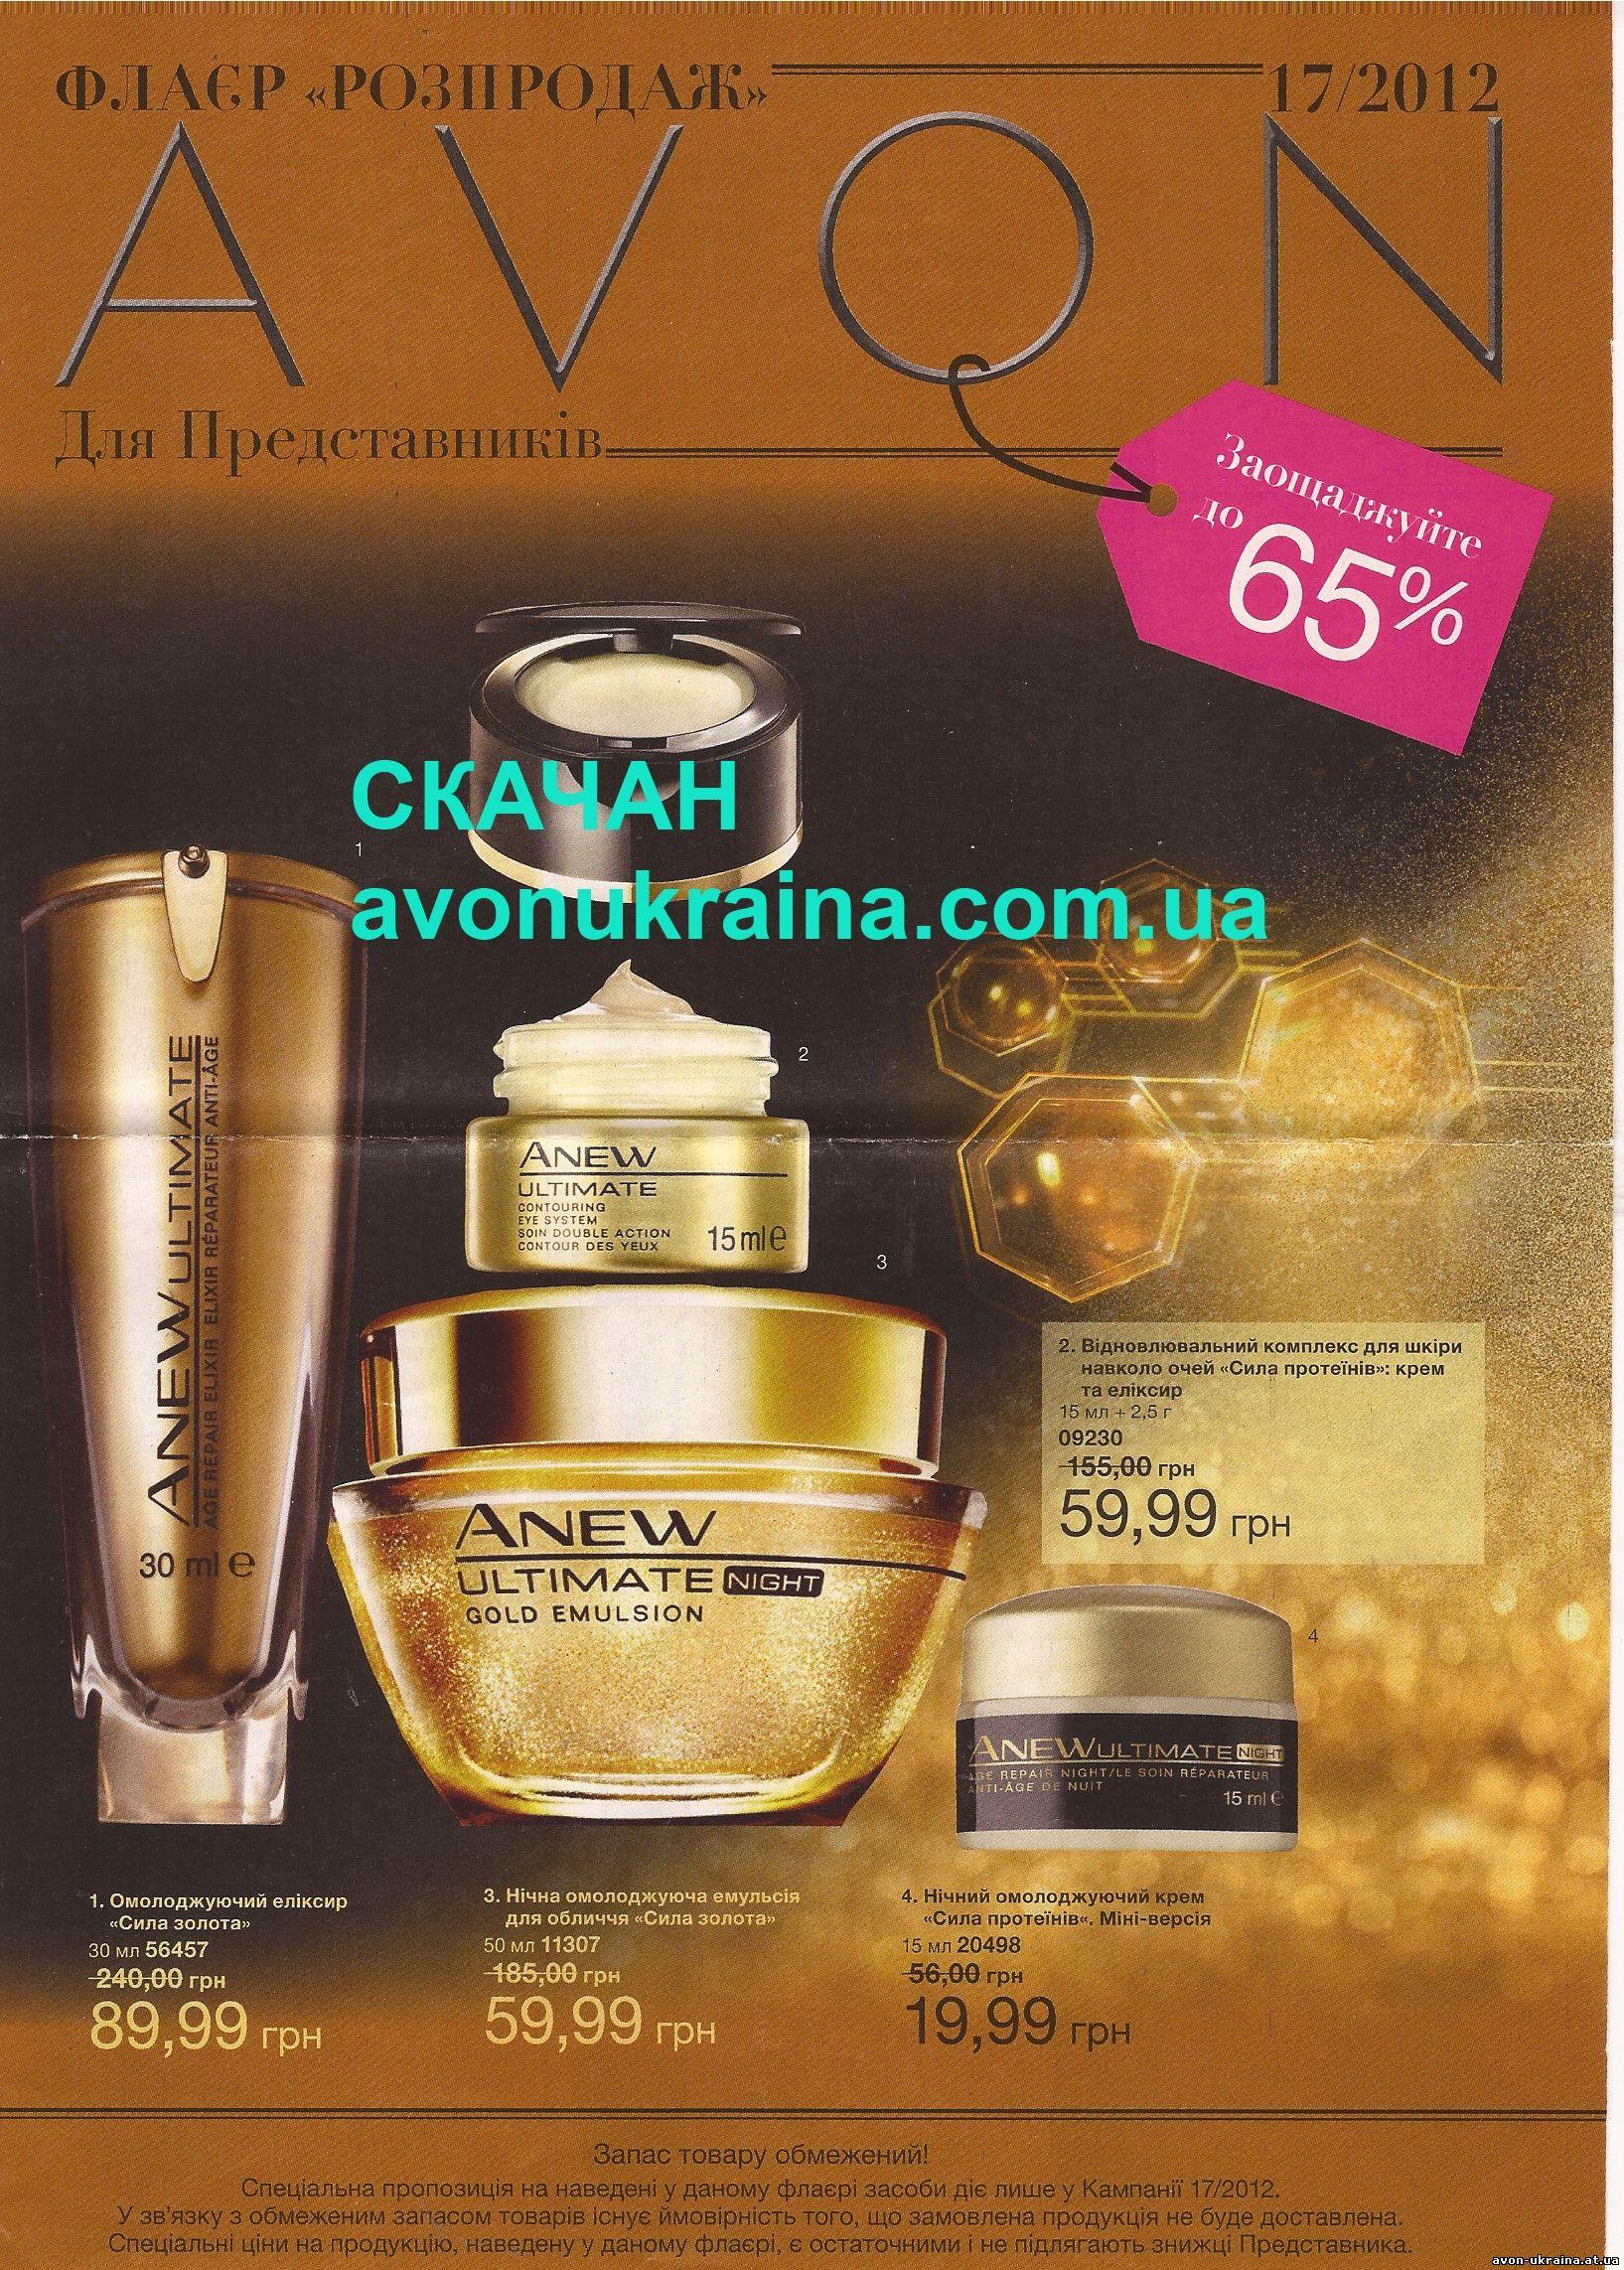 Avon каталог 2013 11 пластиковая коробка для хранения косметики купить